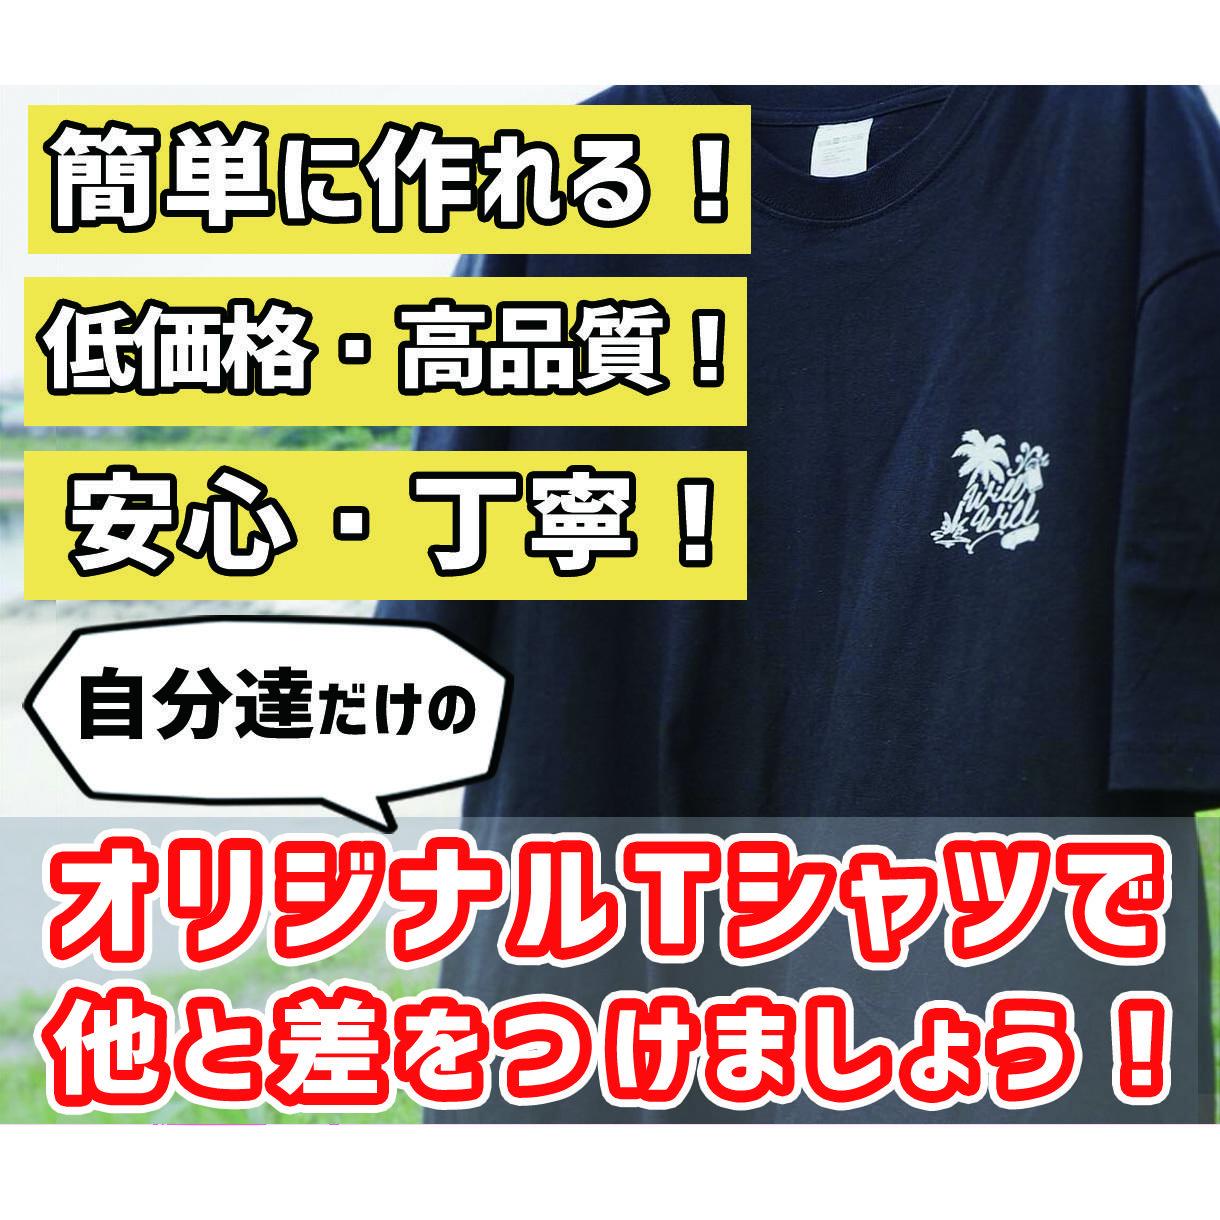 オリジナルTシャツをめんどくさい工程なしに作ります 自身のブランドを持つ僕が責任を持って作成します! イメージ1